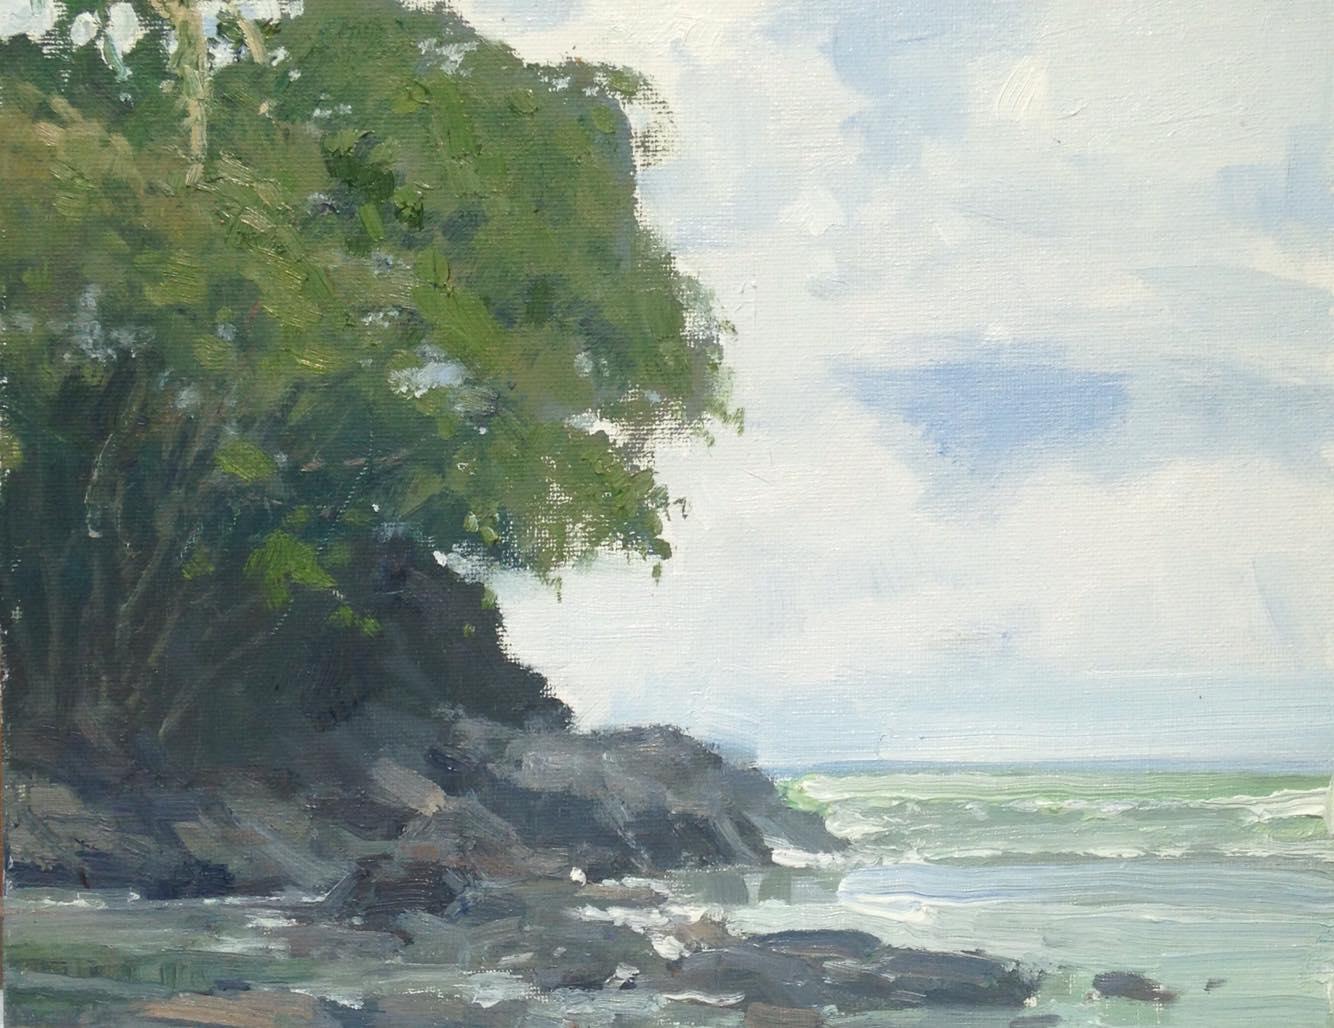 Costa Rica 02-02